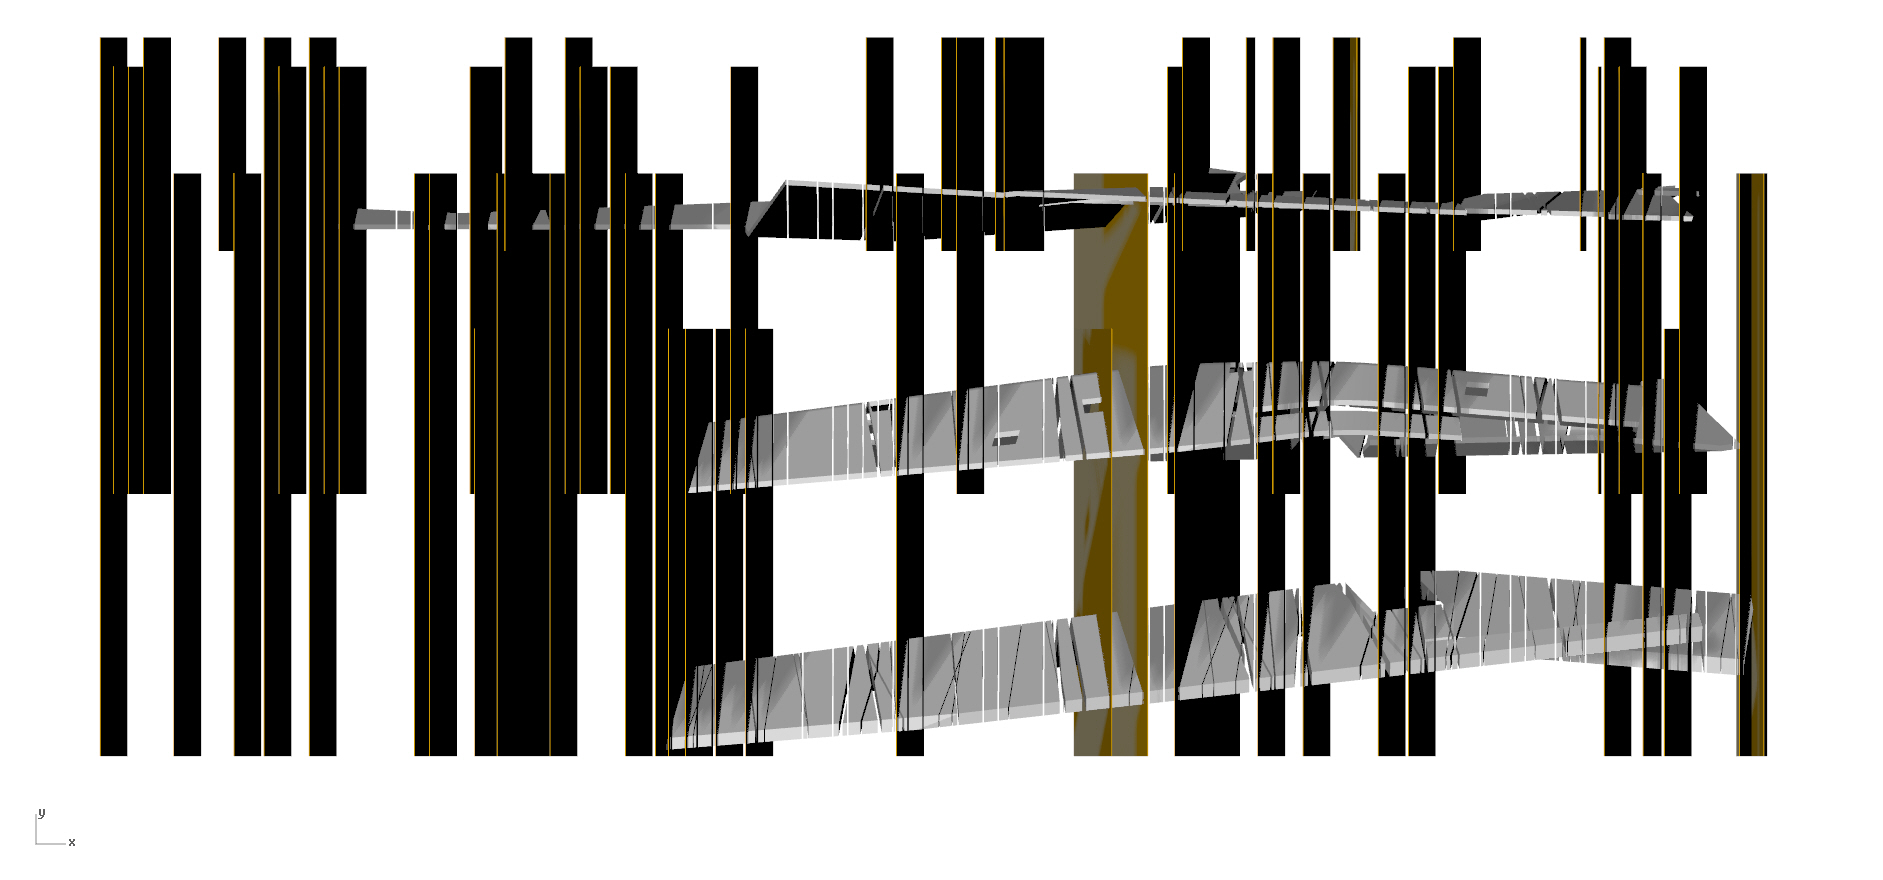 BANDS 01_PLAN DIAG-A